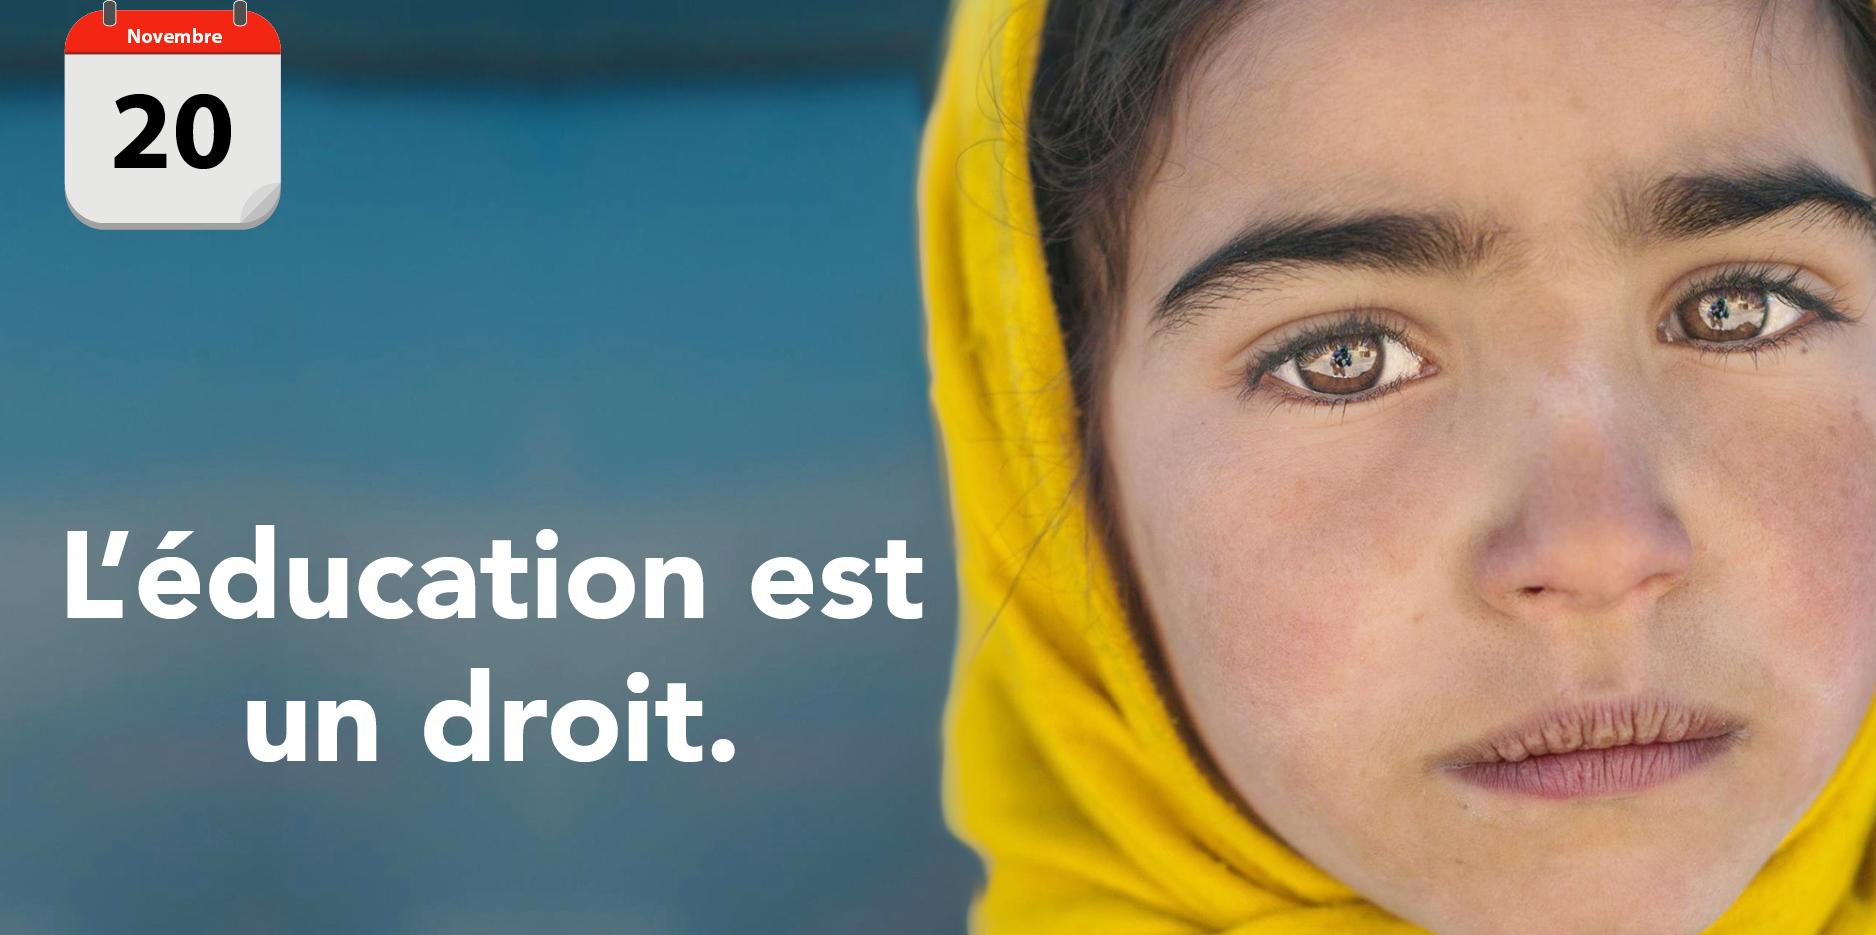 Le 20 novembre marque la journée internationale des droits de l'enfant